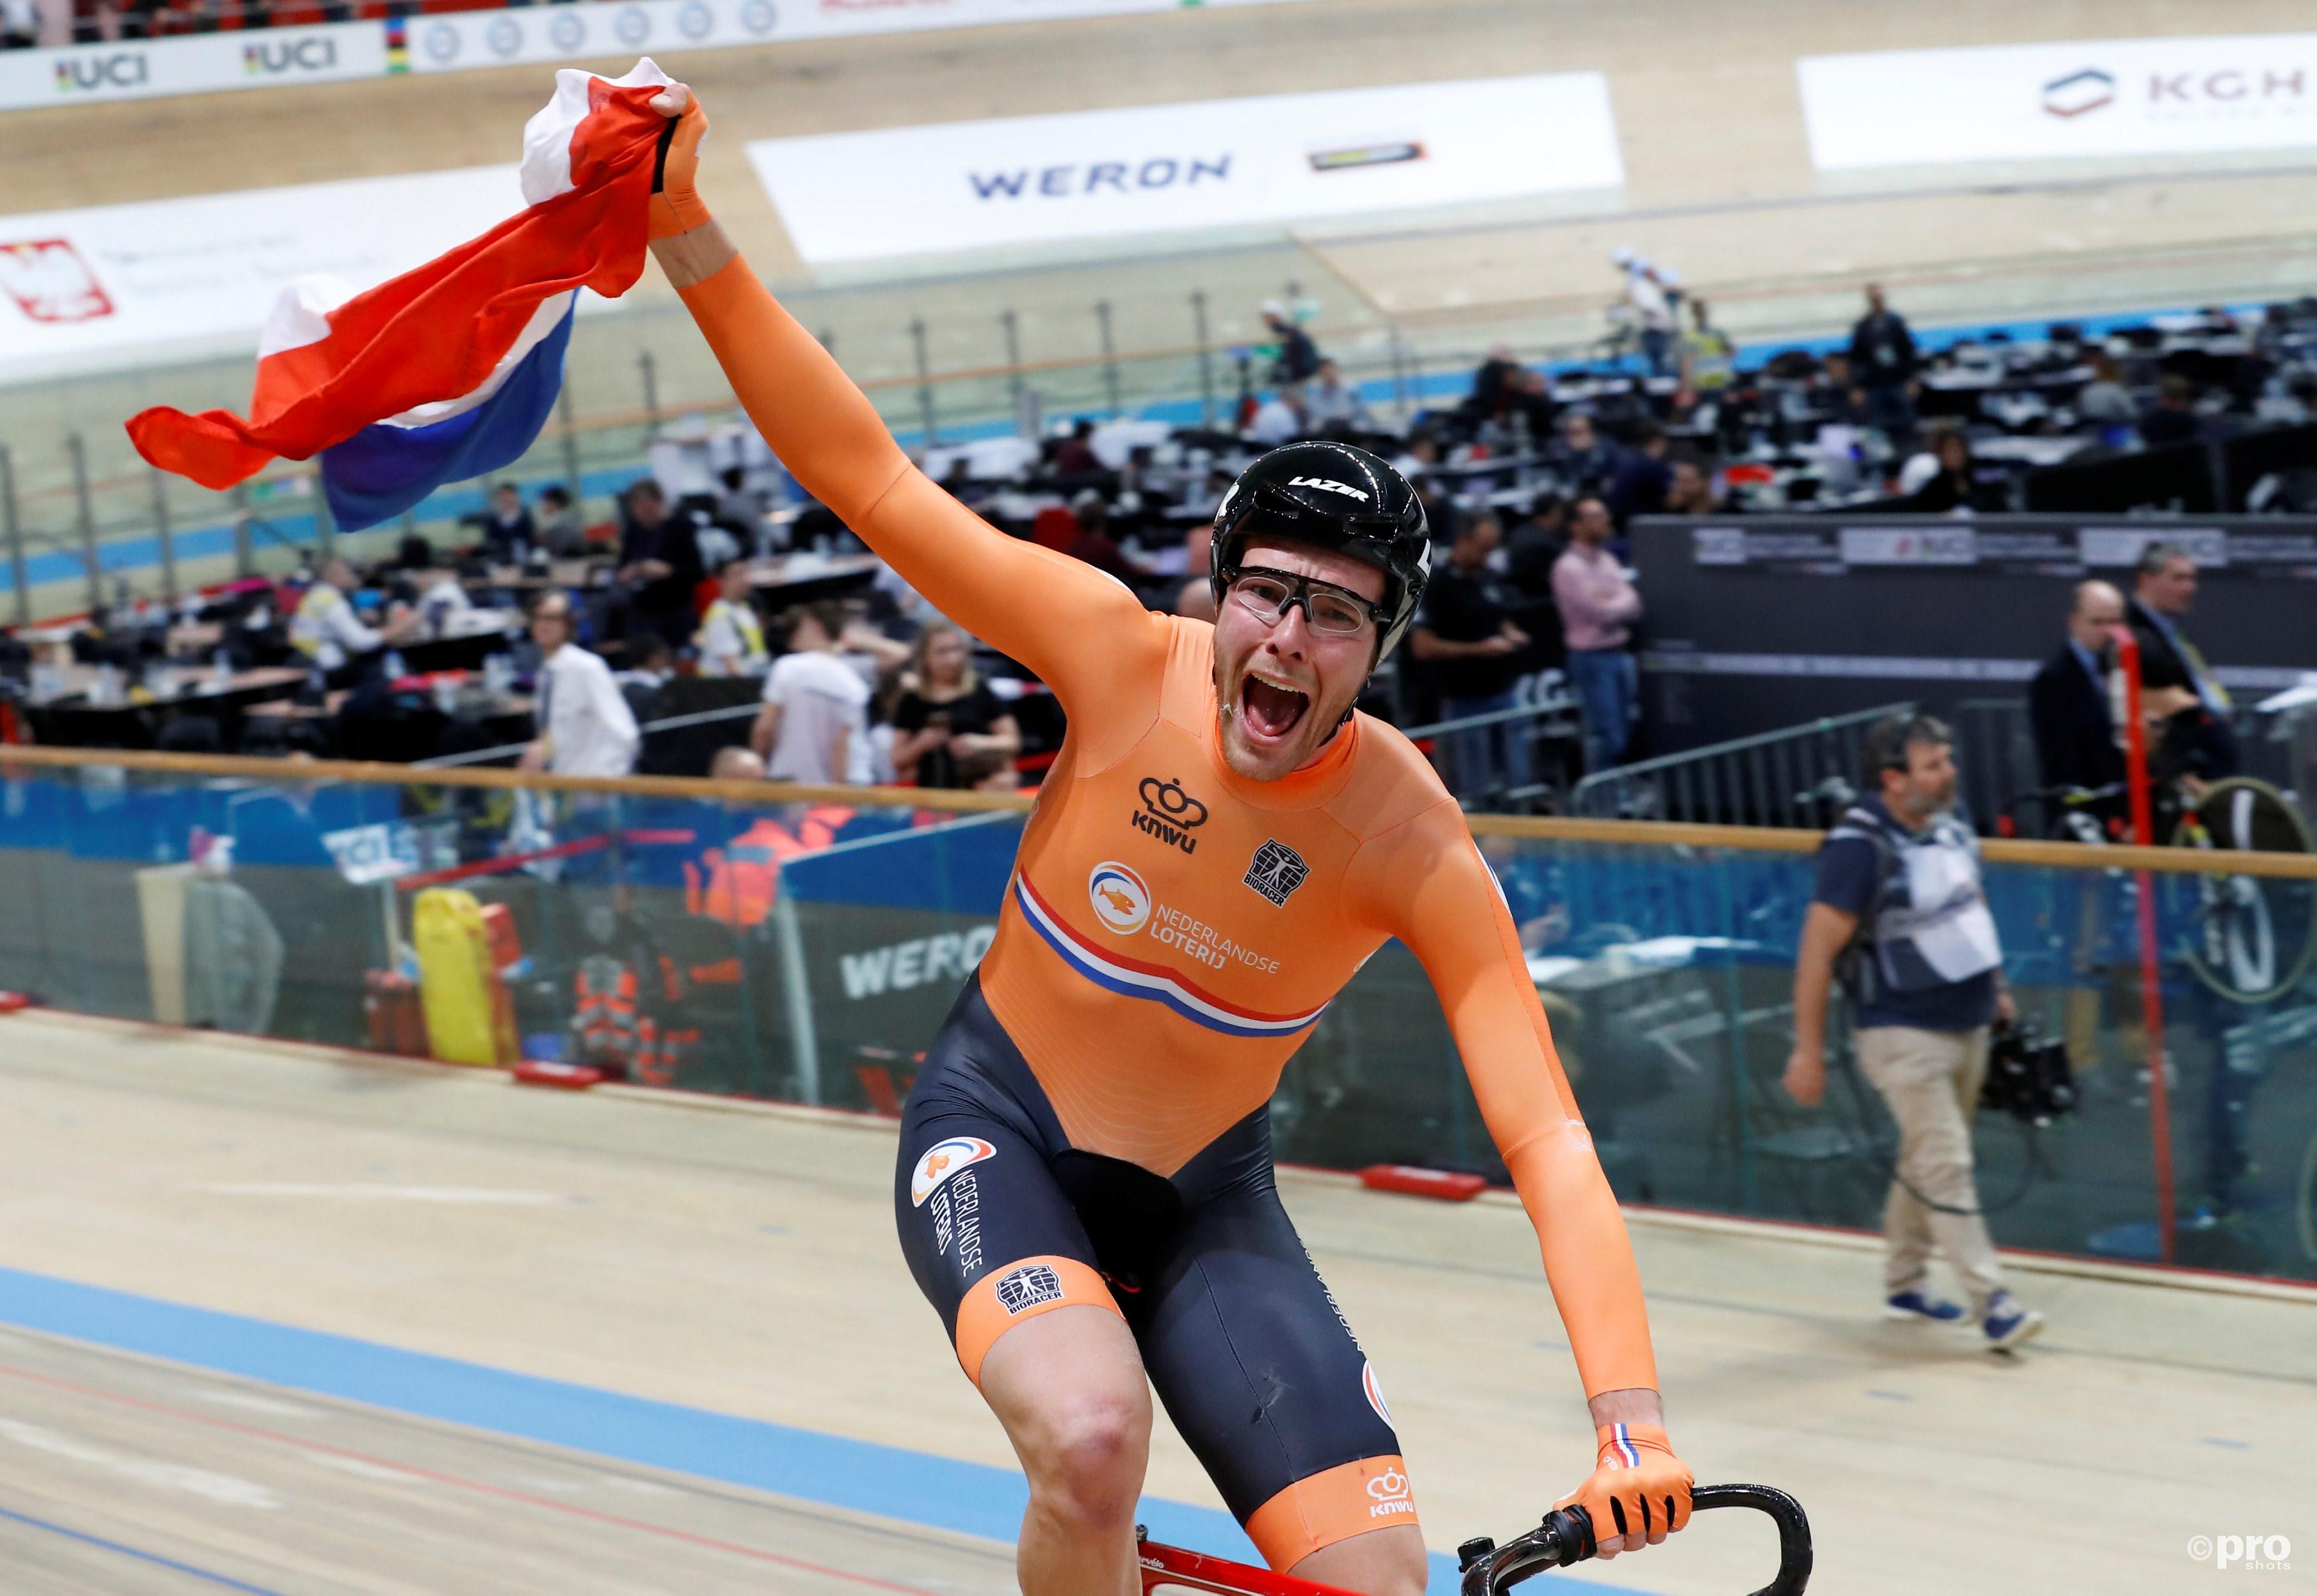 Baanwielrenner Van Schip pakt met overmacht wereldtitel op puntenkoers (Pro Shots / Action Images)